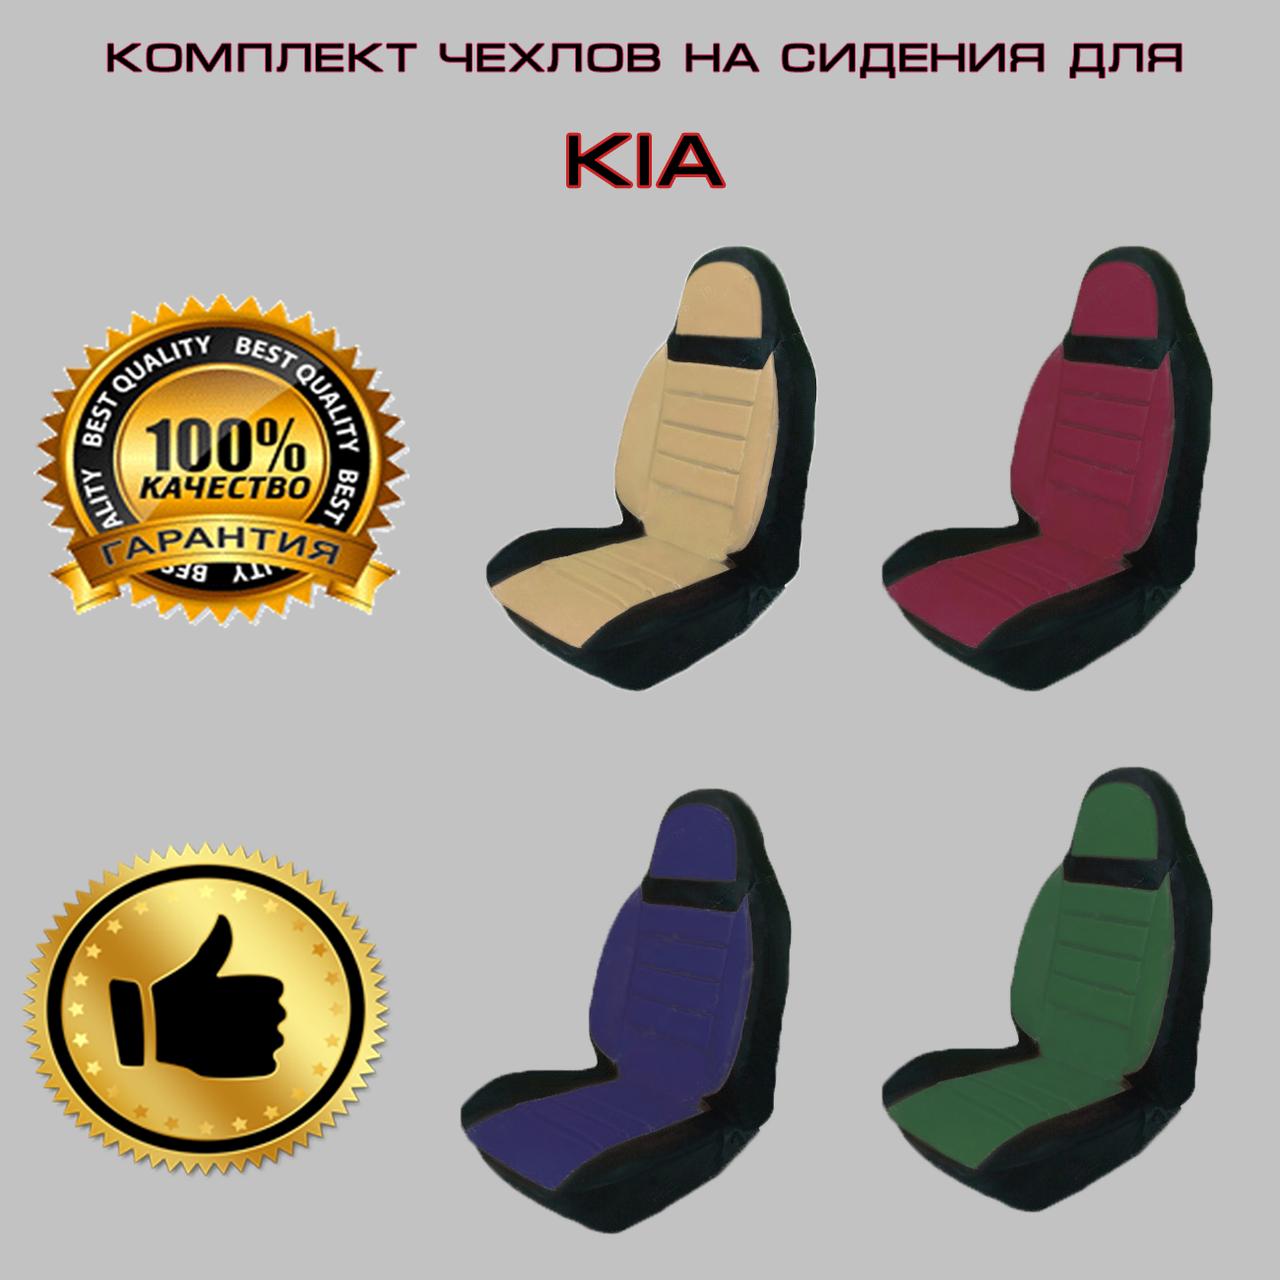 Комплект чехлов на сидения для Kia кожвинил (черный)